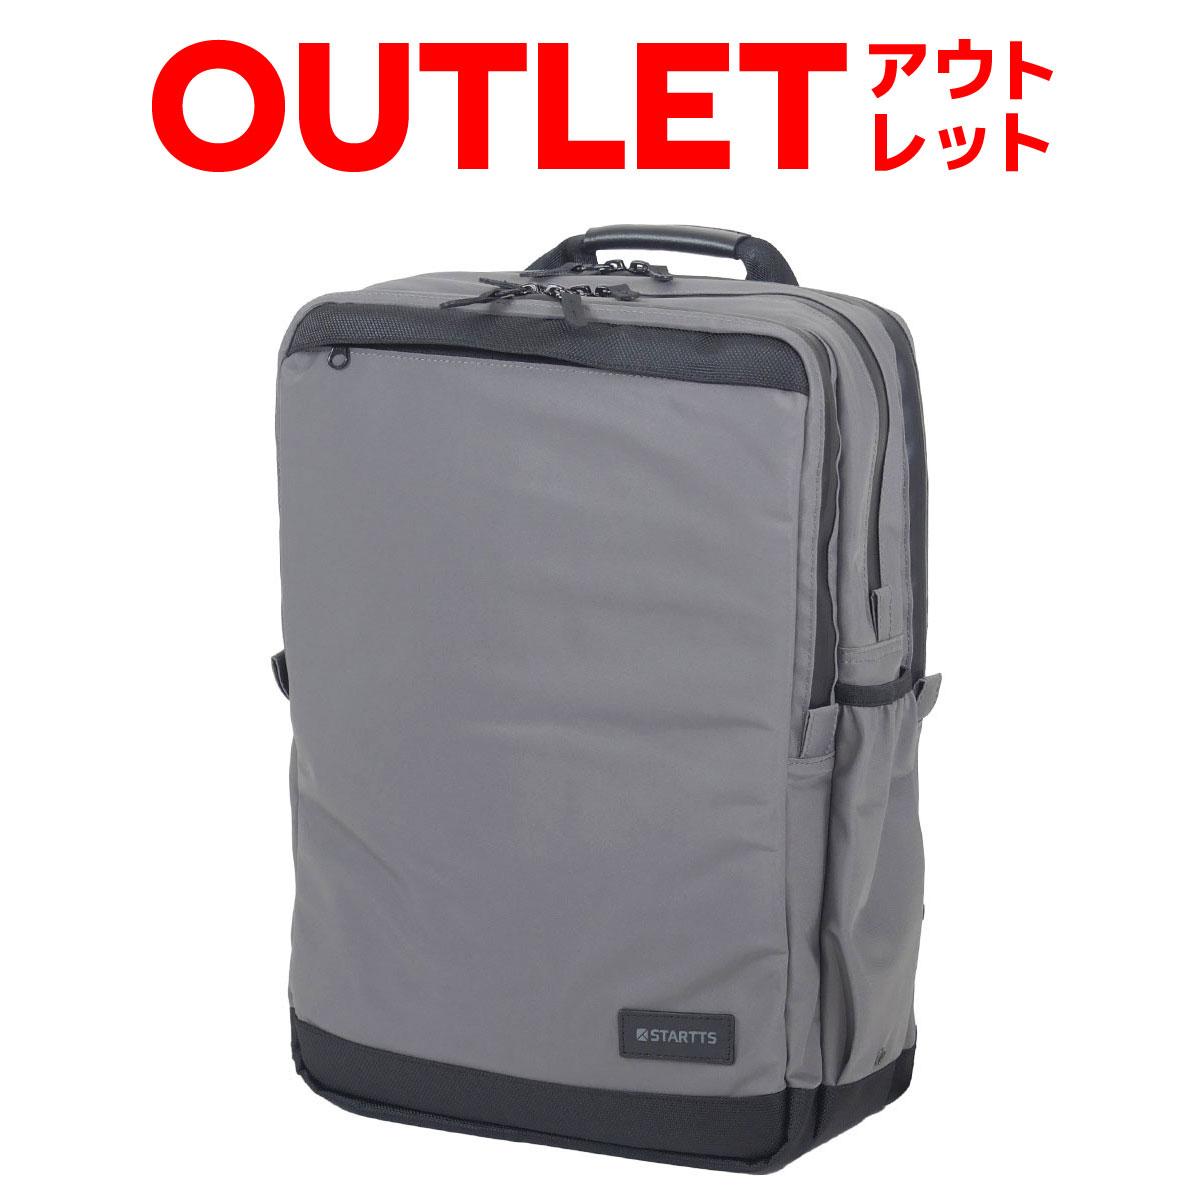 ビジネスリュックをスーツケースにセット可能 テフロン R 加工で水を弾く雨に強い高機能ビジネスバッグ アウトレット WE-22 おしゃれ WEAT 正規逆輸入品 スーツケースにセット ビジネスリュック ビジカジ止水デイパックキャリーオン